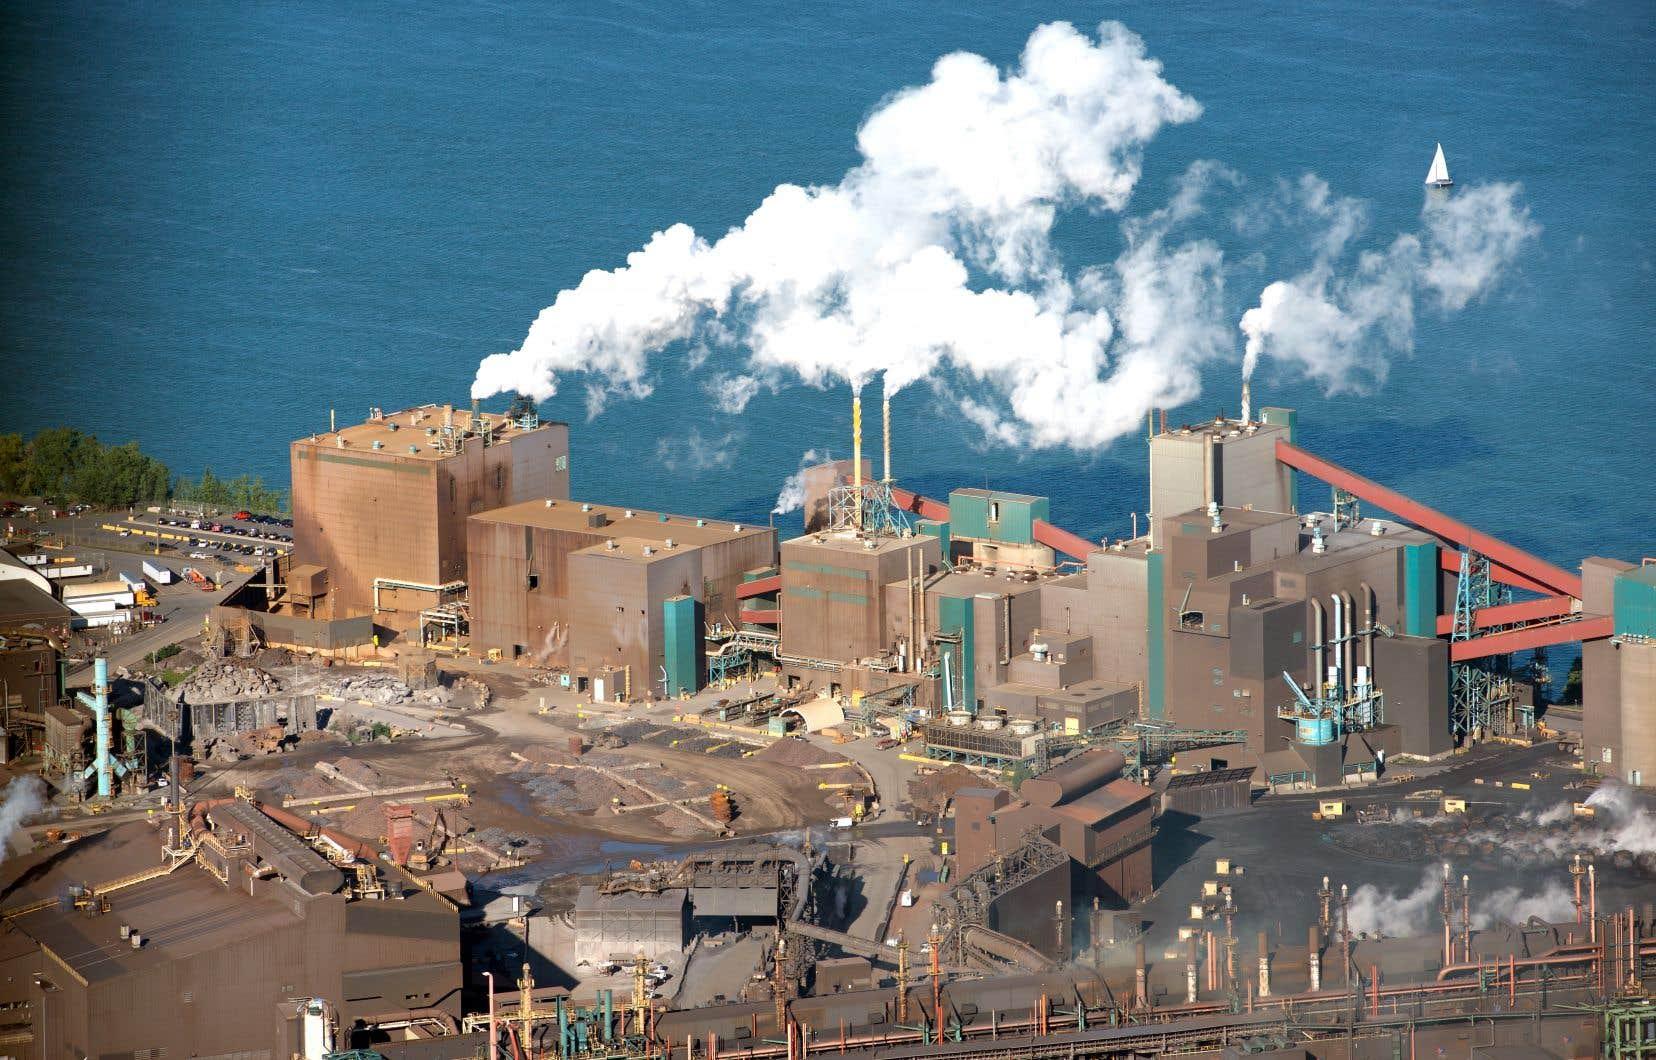 Le chef libéral promet une aide de transition pour les travailleurs des industries qui seraient affectées par le plan de carboneutralité.